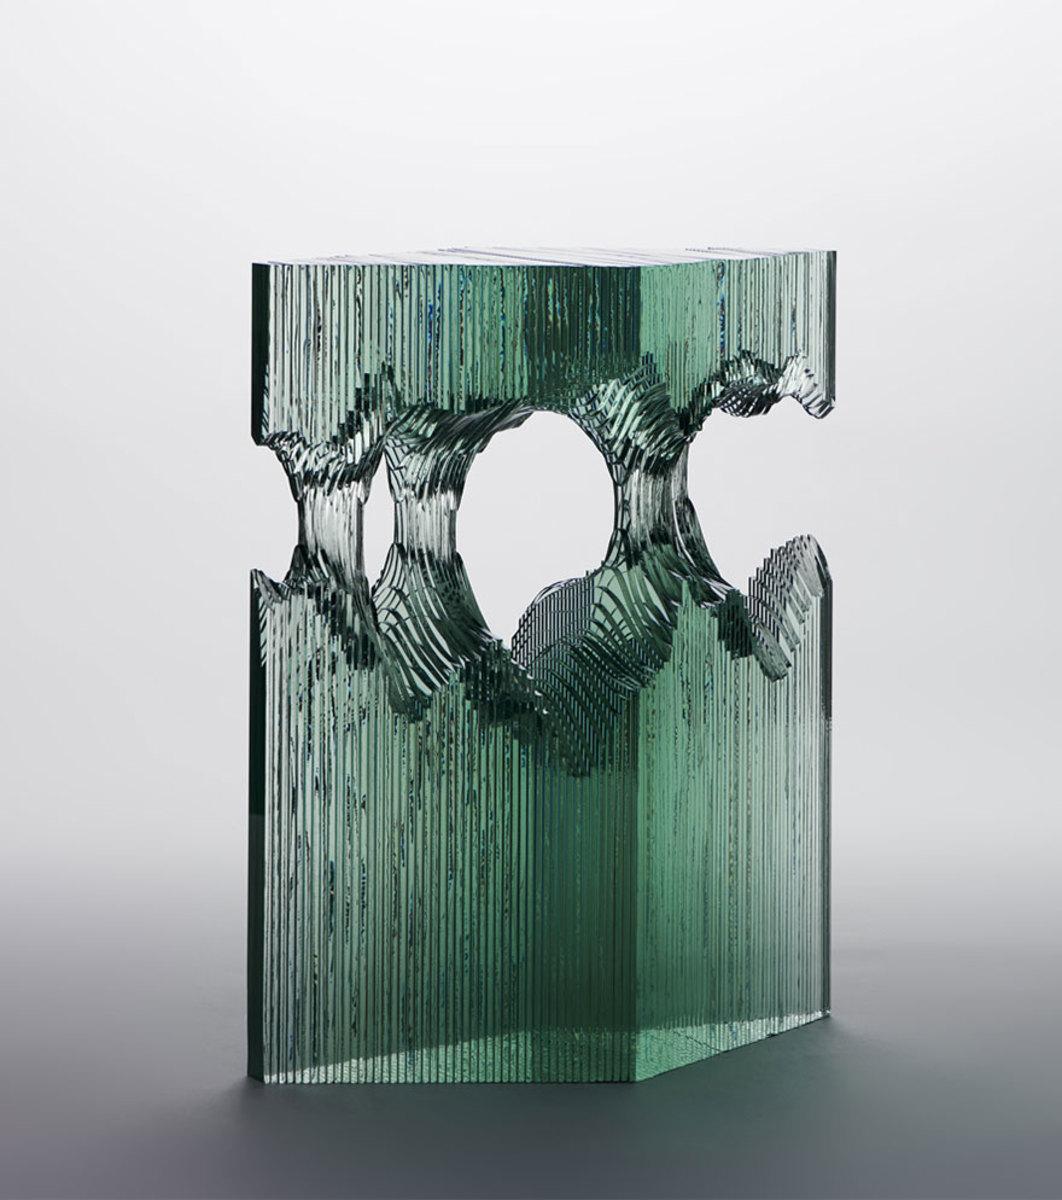 waves-glass-sculpture-ben-young-8